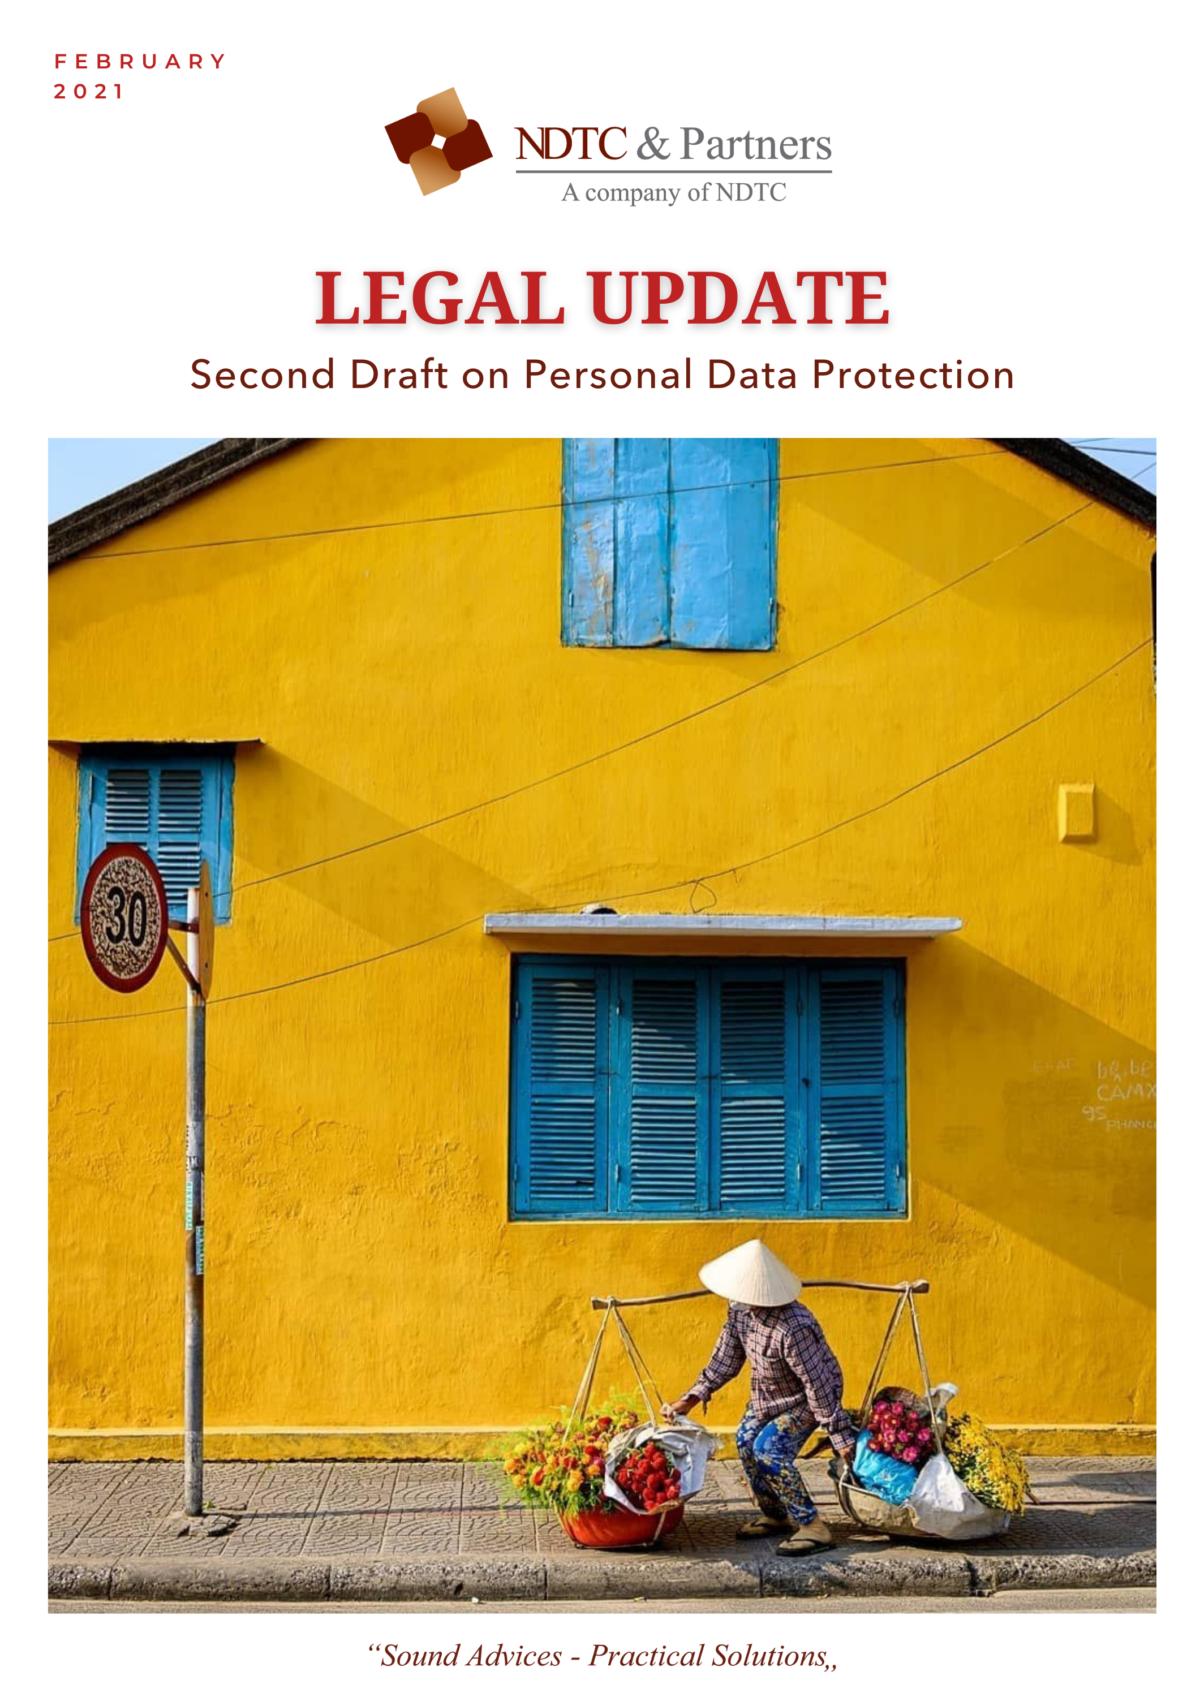 Legal Update Feb 2021